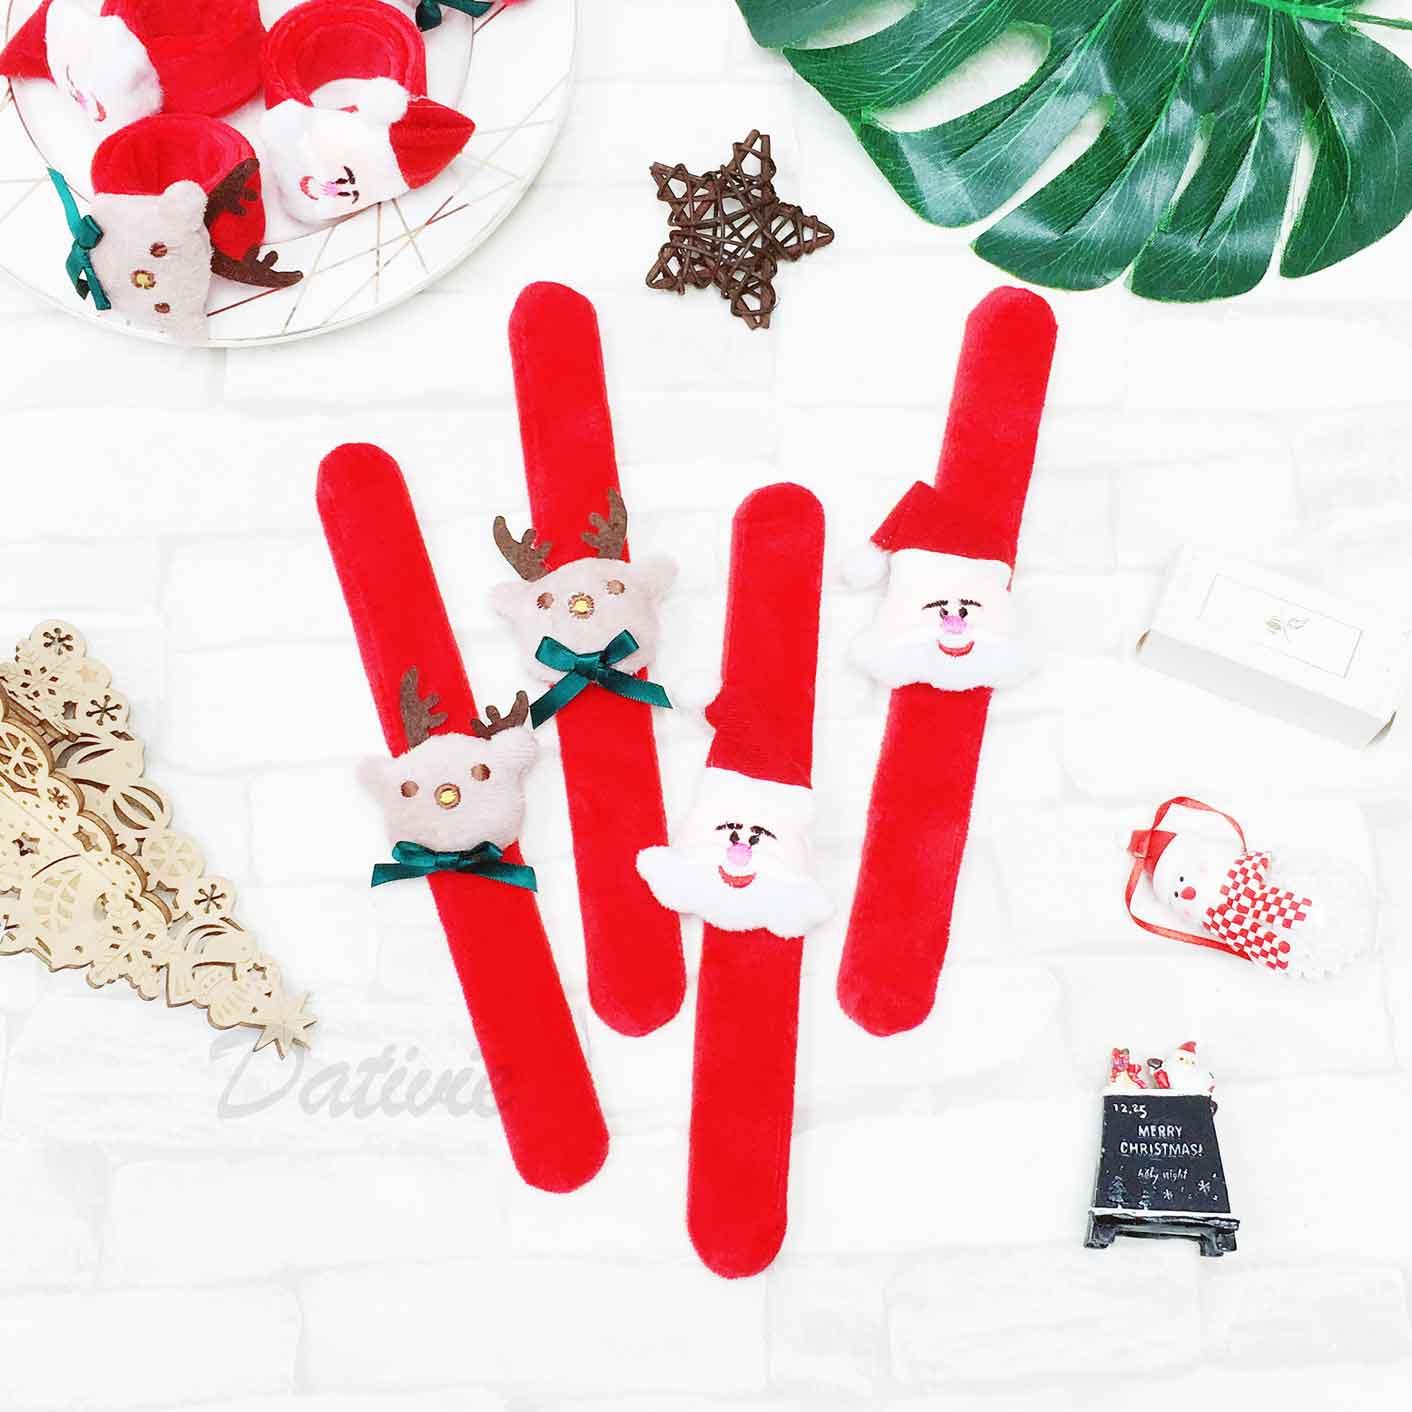 聖誕老公公 聖誕老人 麋鹿 絨毛 耶誕手飾 啪啪手環